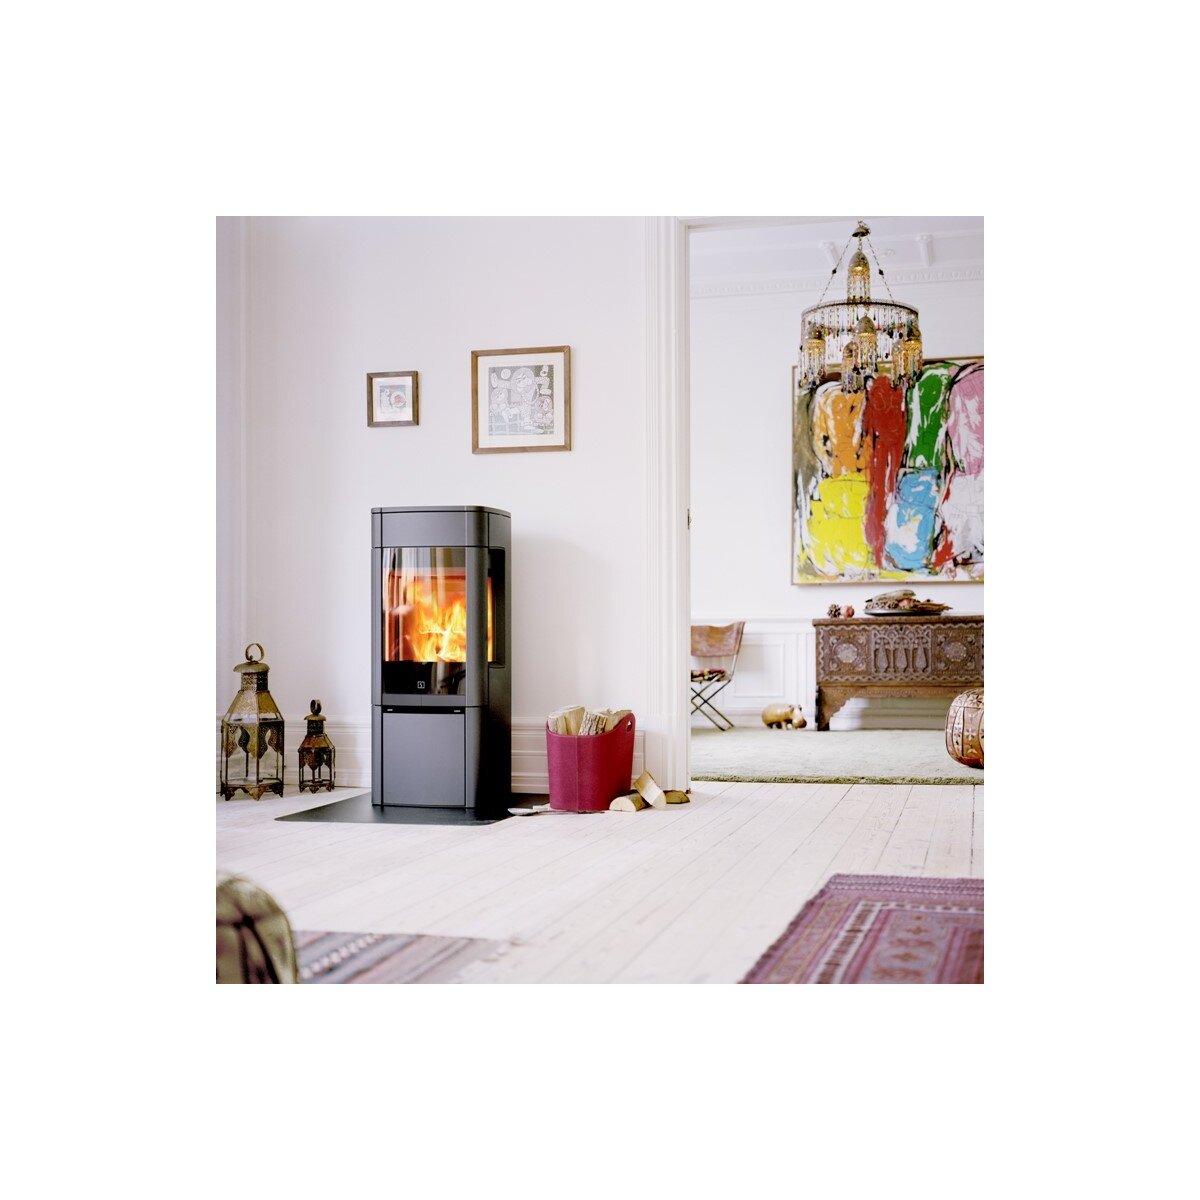 kaminofen scan 65 2 stahlmodell online kaufen feuer fuchs von scan a s mit. Black Bedroom Furniture Sets. Home Design Ideas